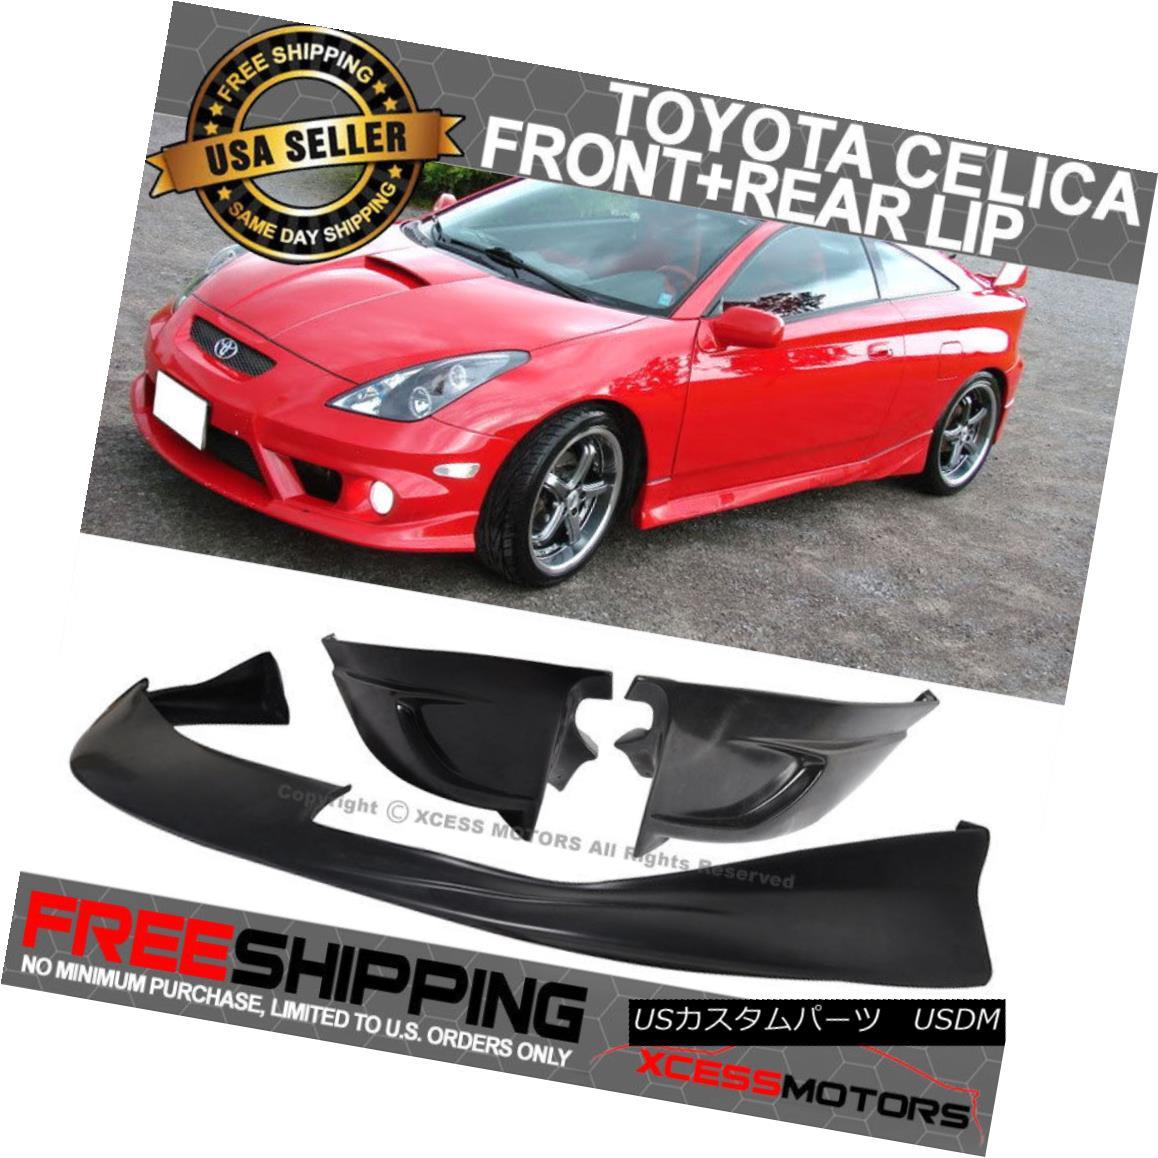 エアロパーツ For 00-02 Toyota Celica JDM Style Front PU Bumper Lip+Pu VIP Style Rear Lip 00-02用トヨタセリカJDMスタイルフロントPUバンパーリップ+ Pu VIPスタイルリアリップ